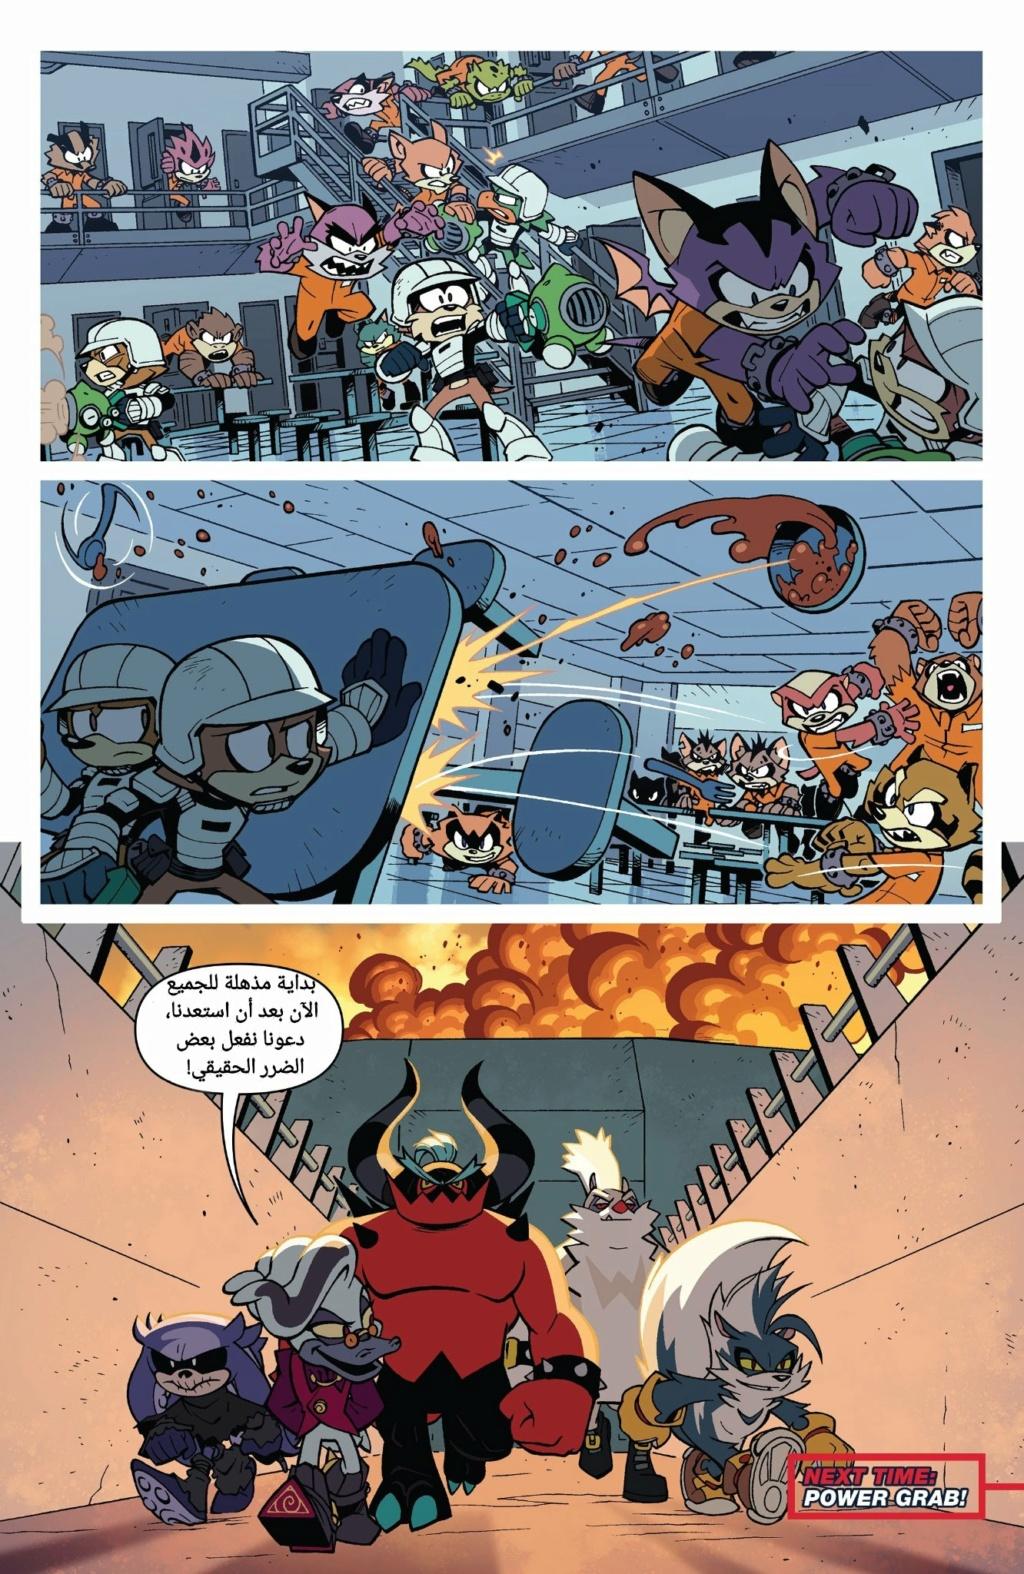 سونيك idw العدد الخاص bad guys العدد 1 كامل ومترجم Jr3eq810